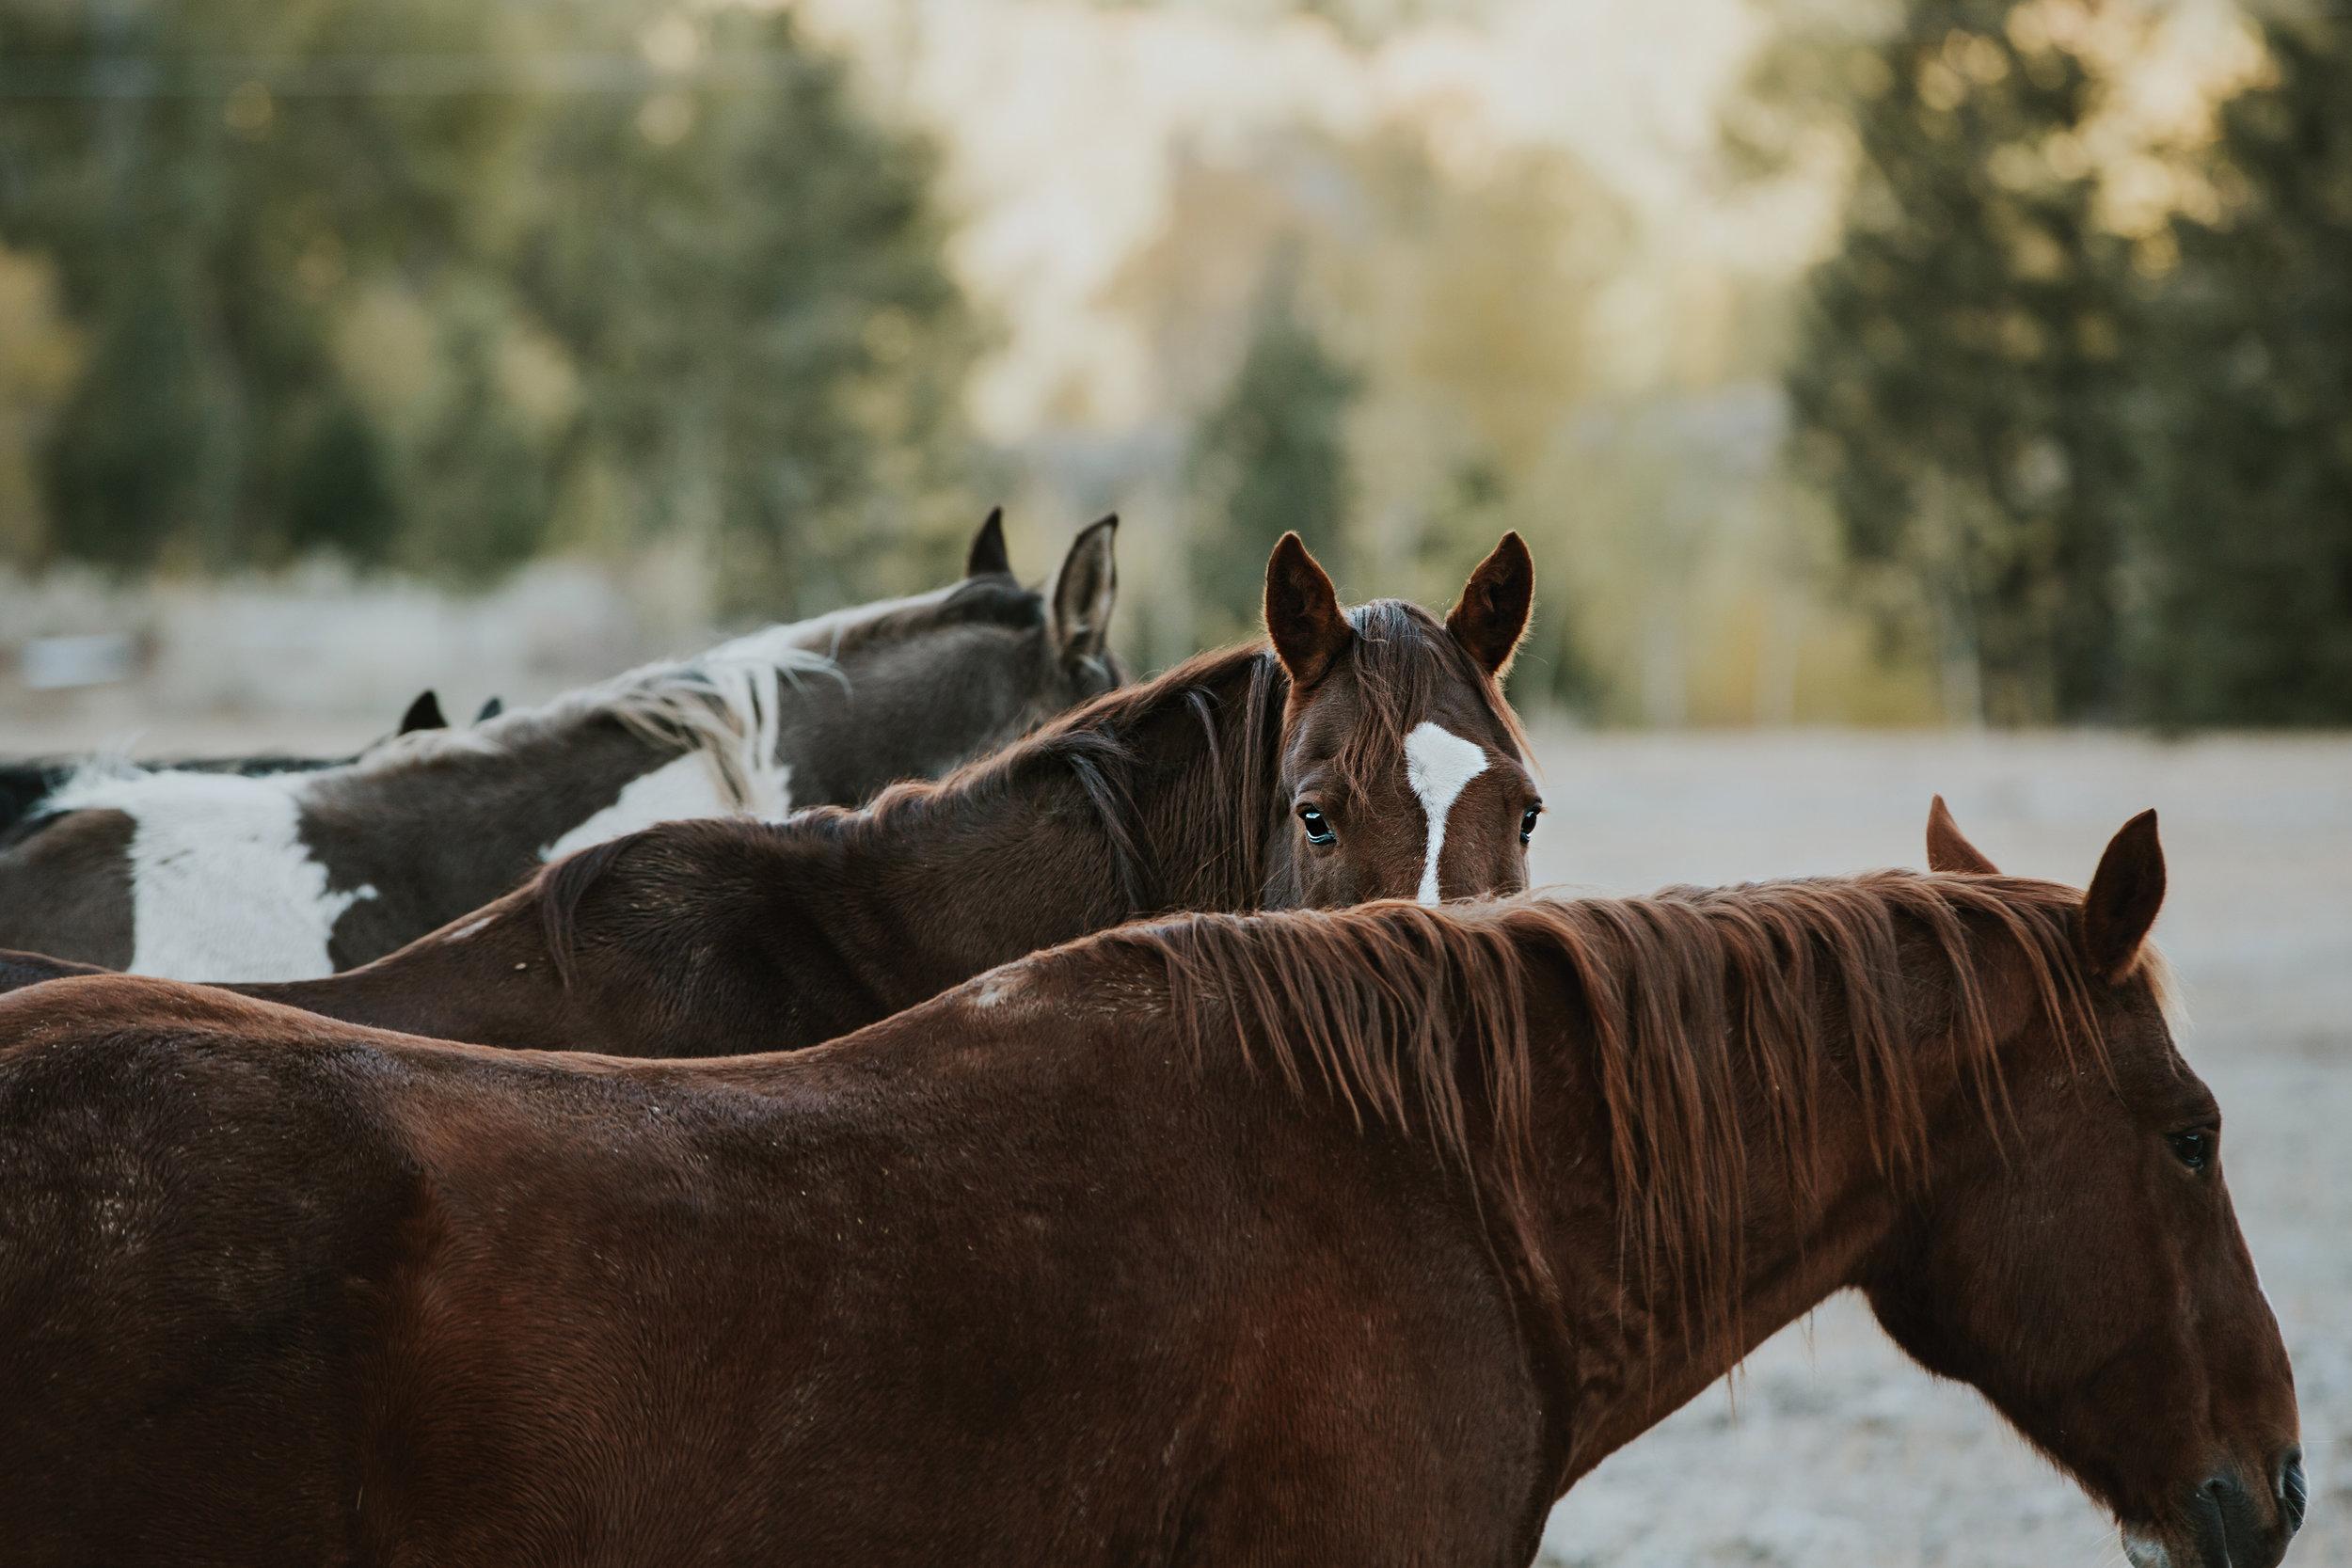 CindyGiovagnoli_Grand_Teton_National_Park_mountains_Bison_Autumn_Wyoming_Mormon_Row_aspens_fall_outdoor_photographer-035.jpg